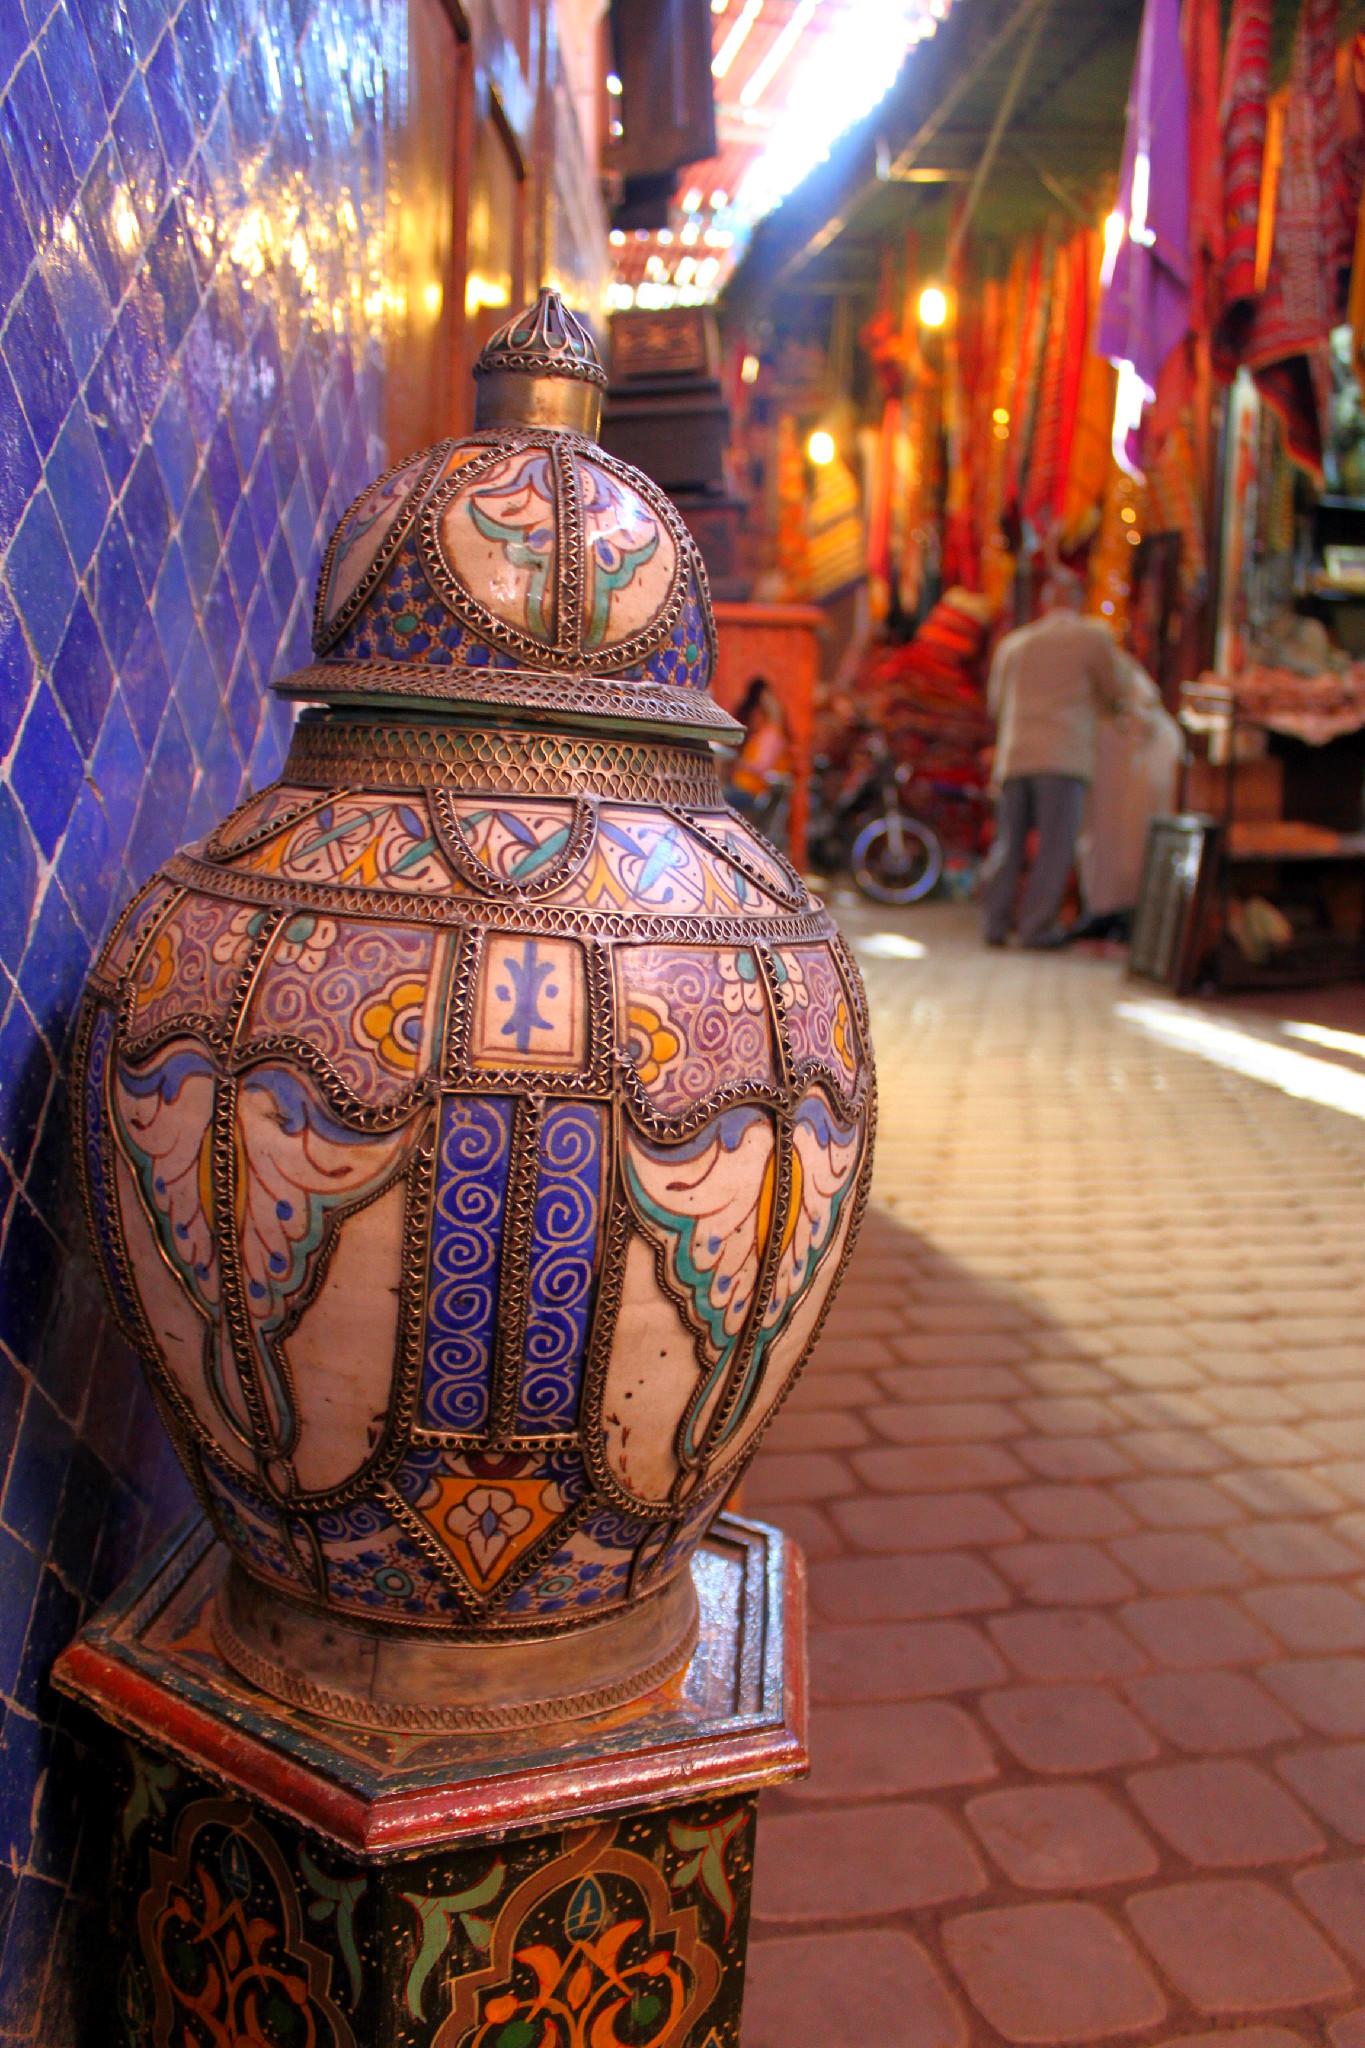 Vaso e tappeti nel Souk di Marrakech - Marocco